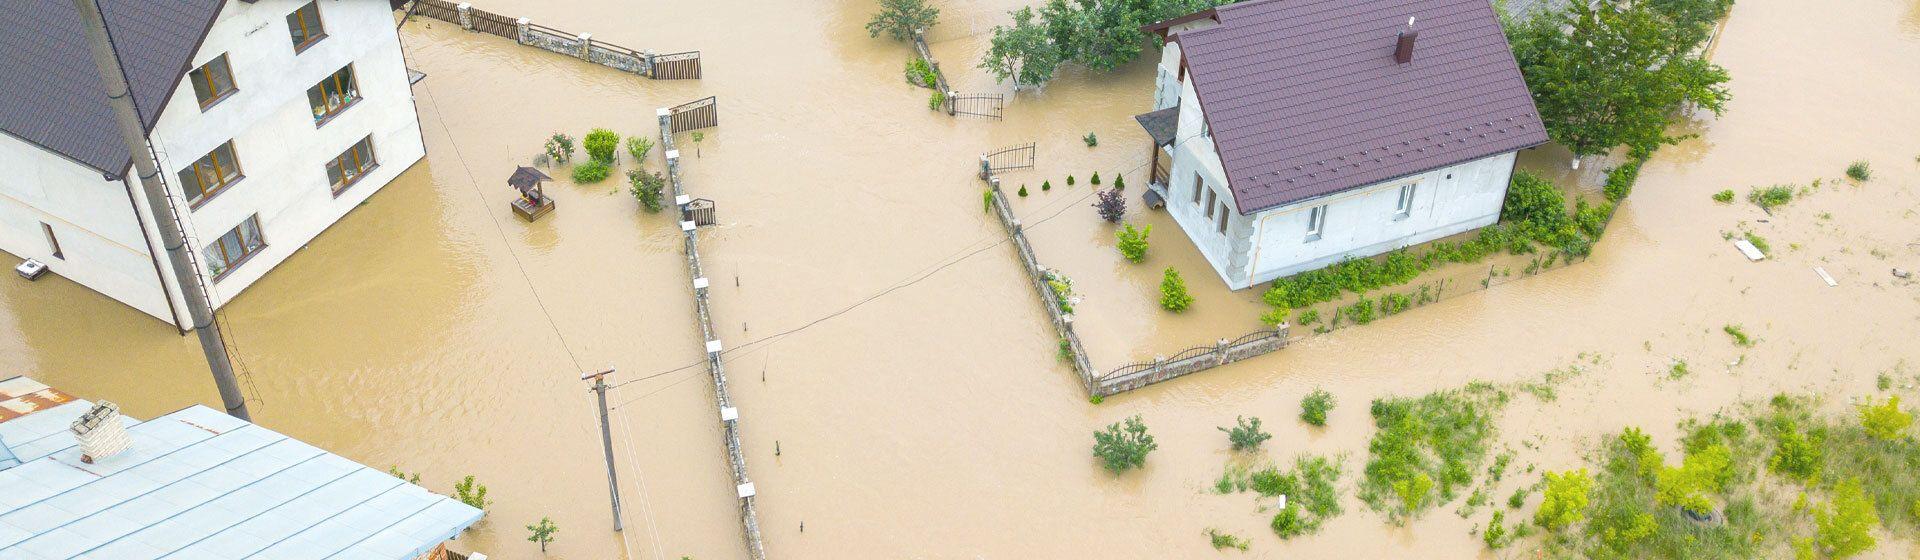 Hochwasser 2021 steuerliche Entlastung